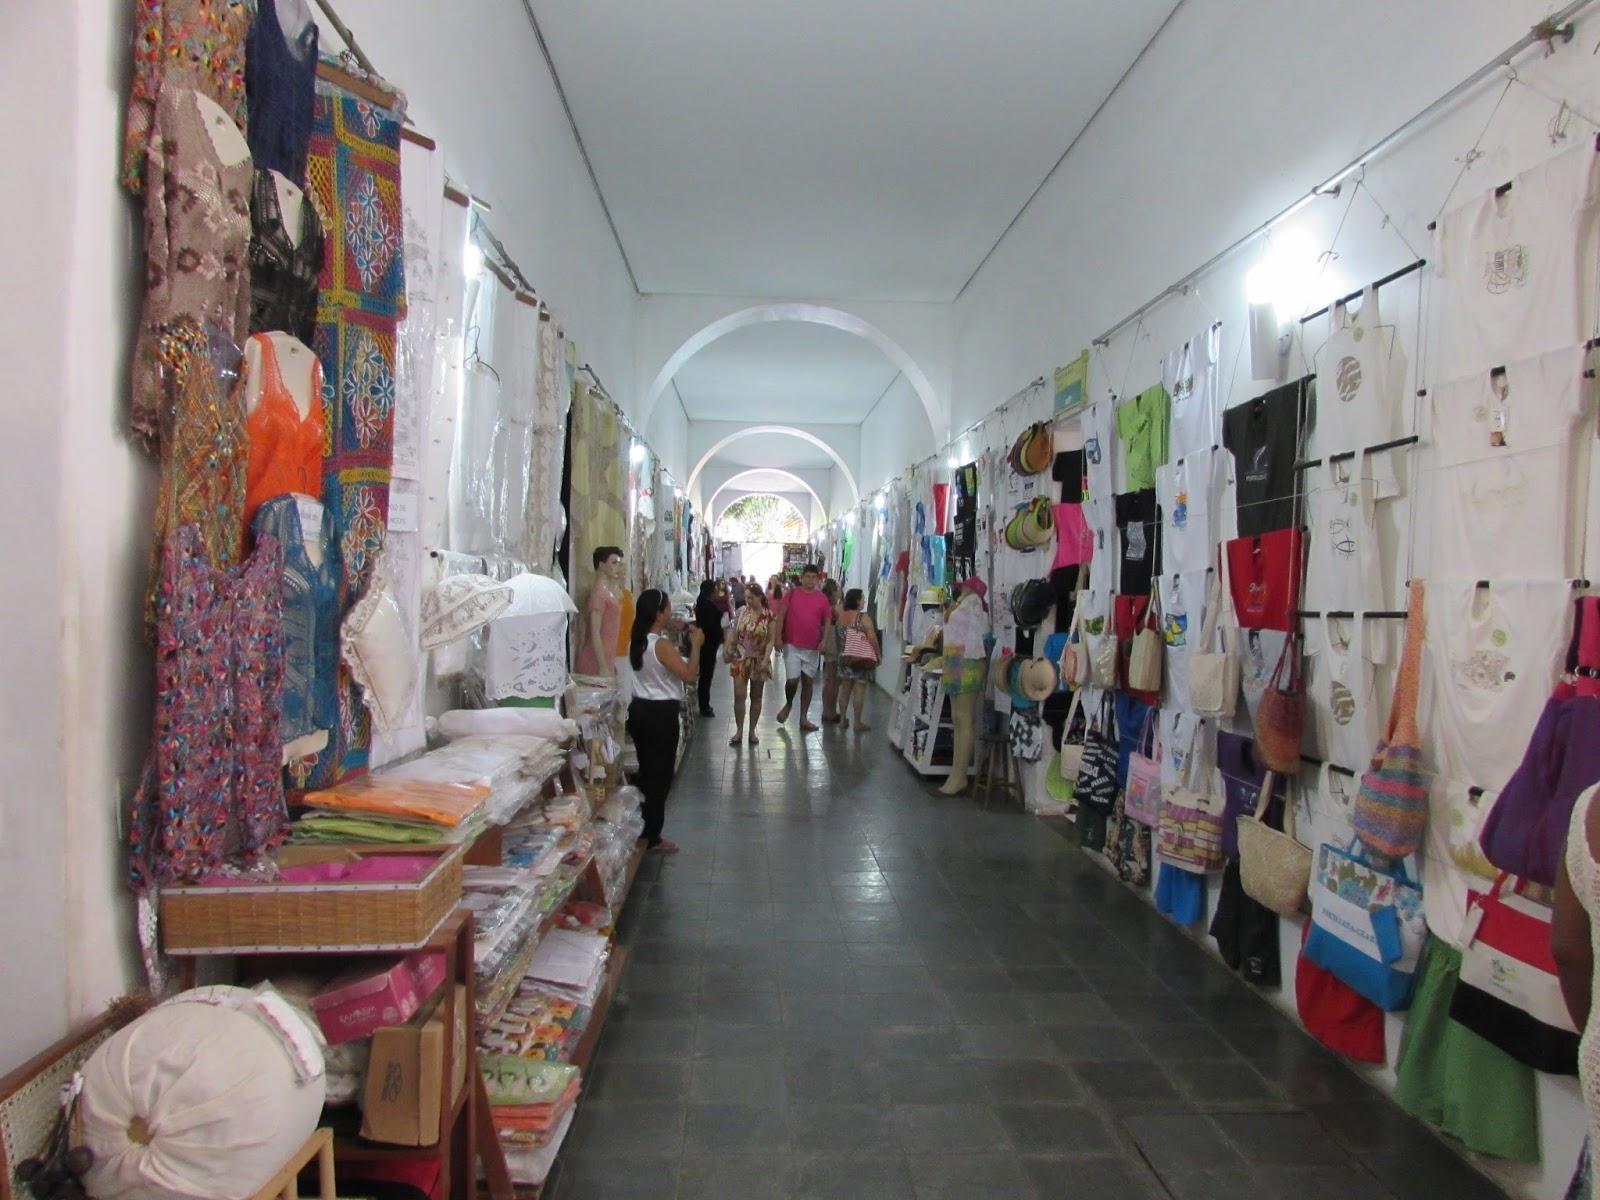 Armario Quarto Bebe ~ Tem que ir Feiras, compras e artesanatos em Fortaleza Listamos os melhores lugares!